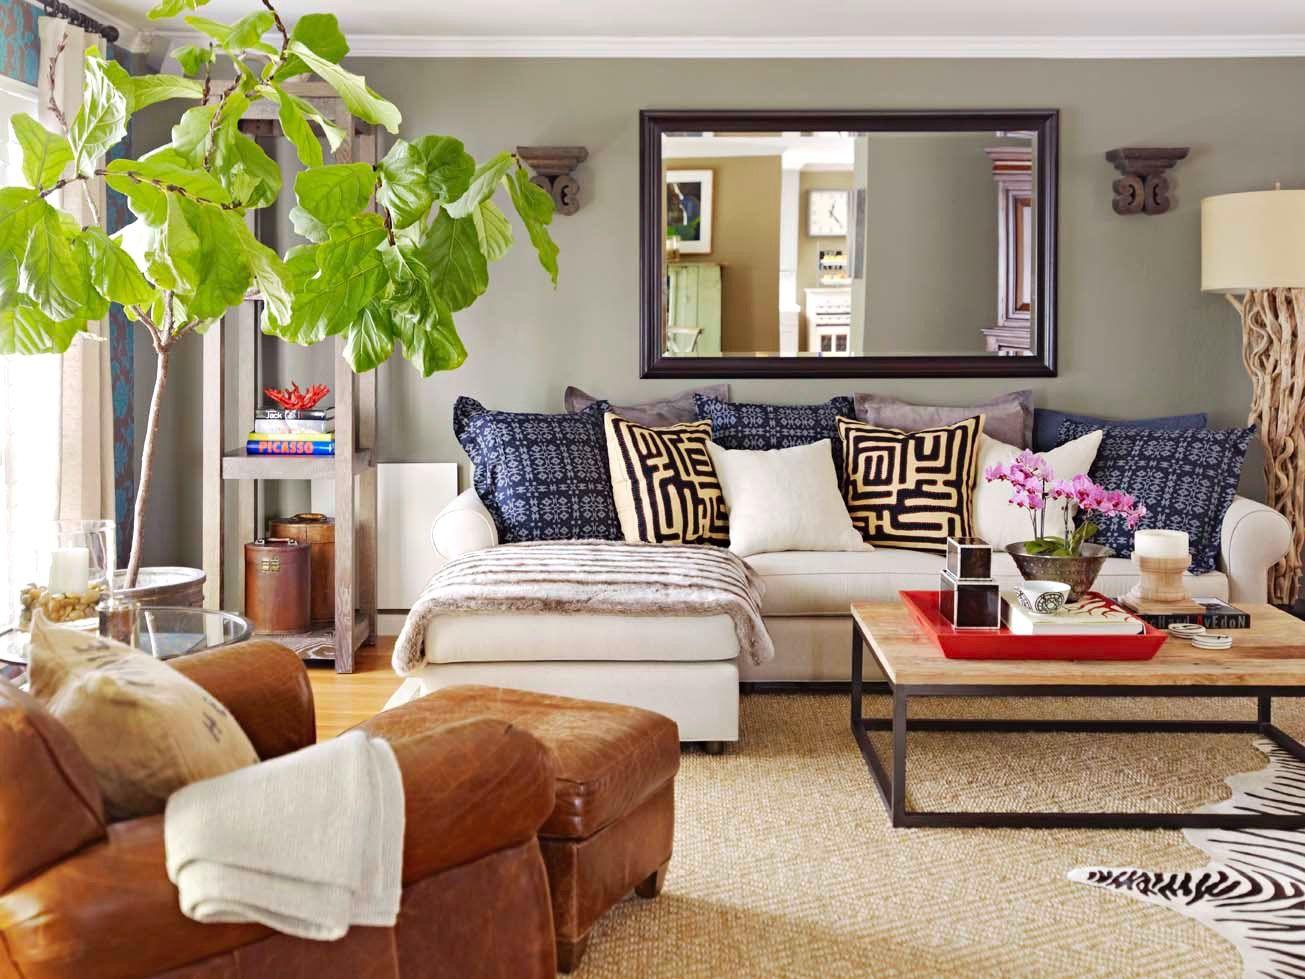 modernes wohnzimmer gemütlich gestalten | dekoideen bad selber ...